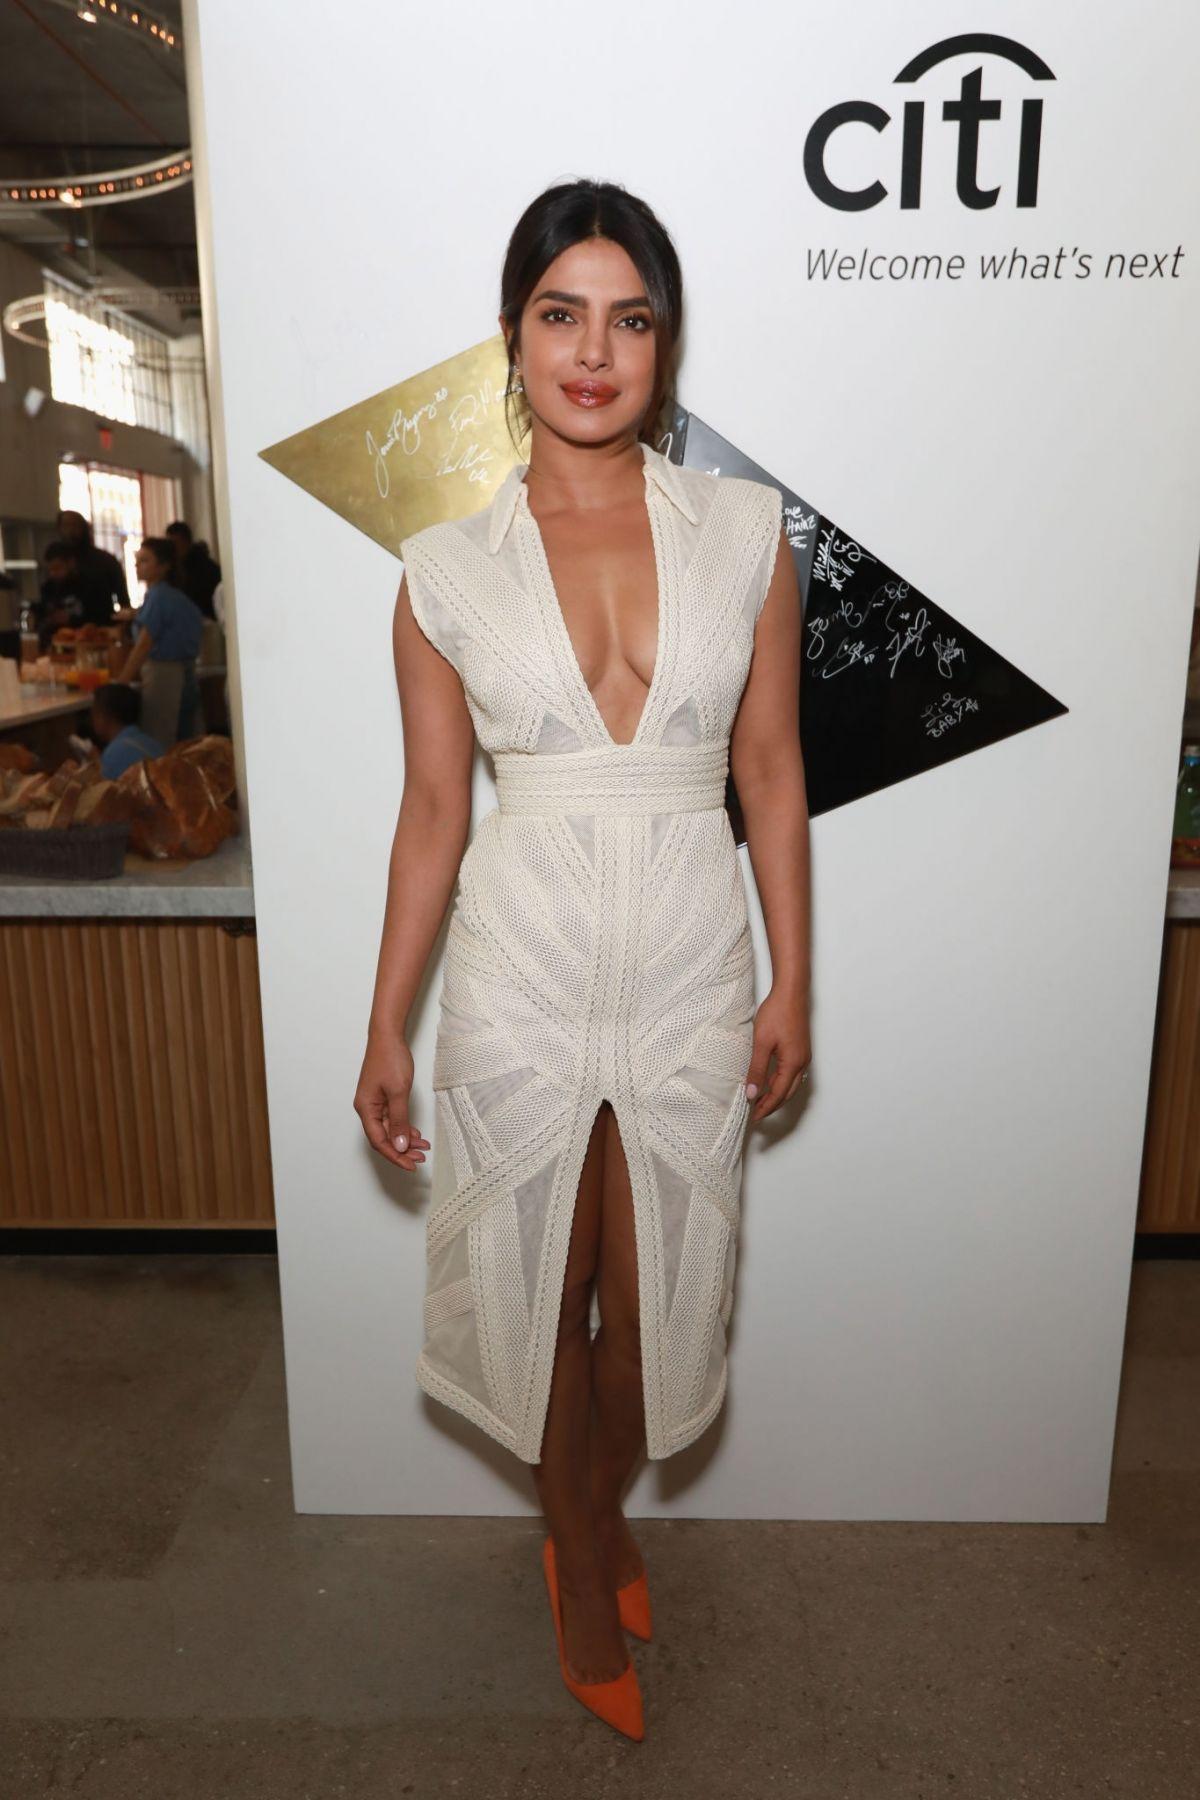 Los Angeles Fashion Week | LA Fashion Week 2018 - LAFW